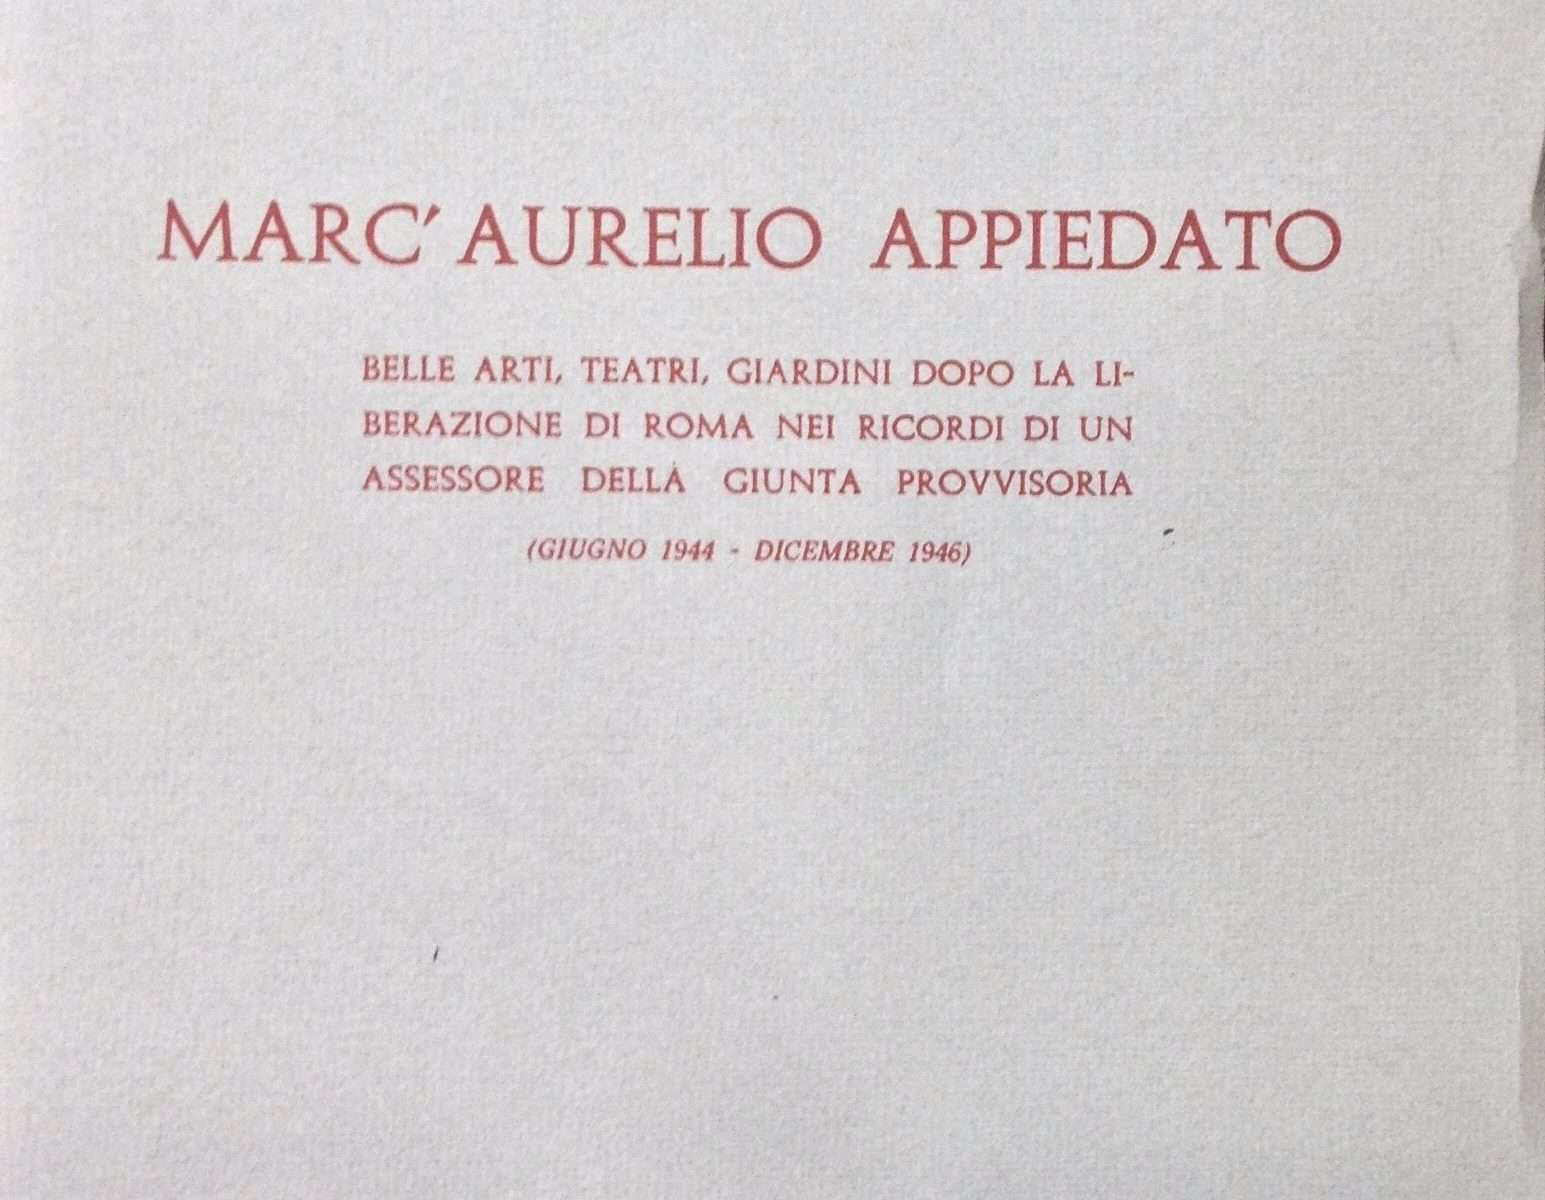 MARC'AURELIO APPIEDATO  <BR/> Valerio De Sanctis